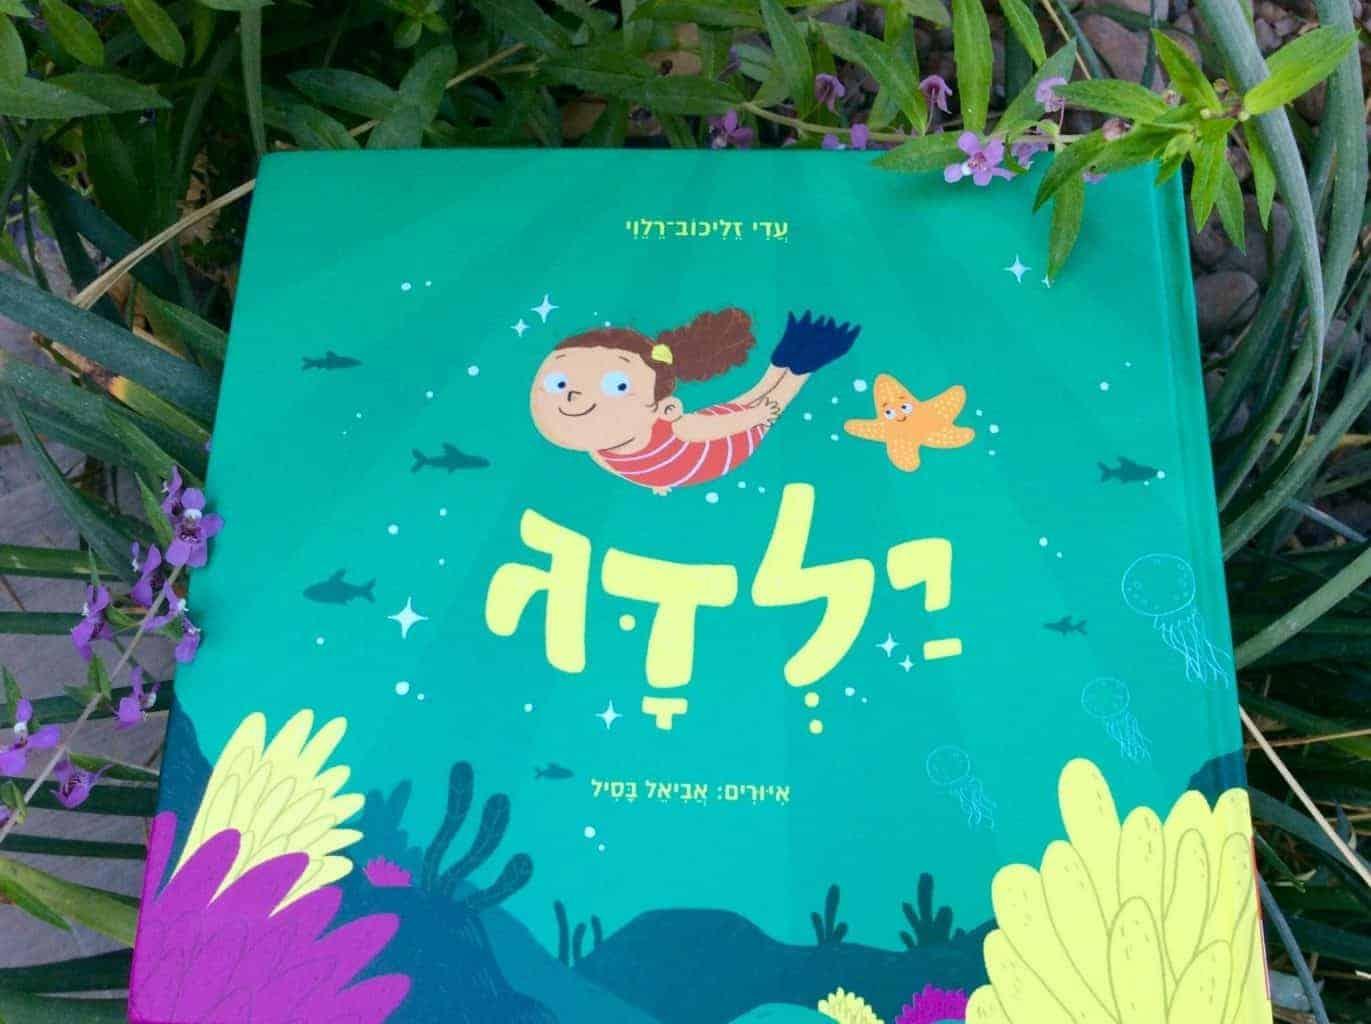 ילדג- ספר הילדים החדש של עדי זליכוב רלוי